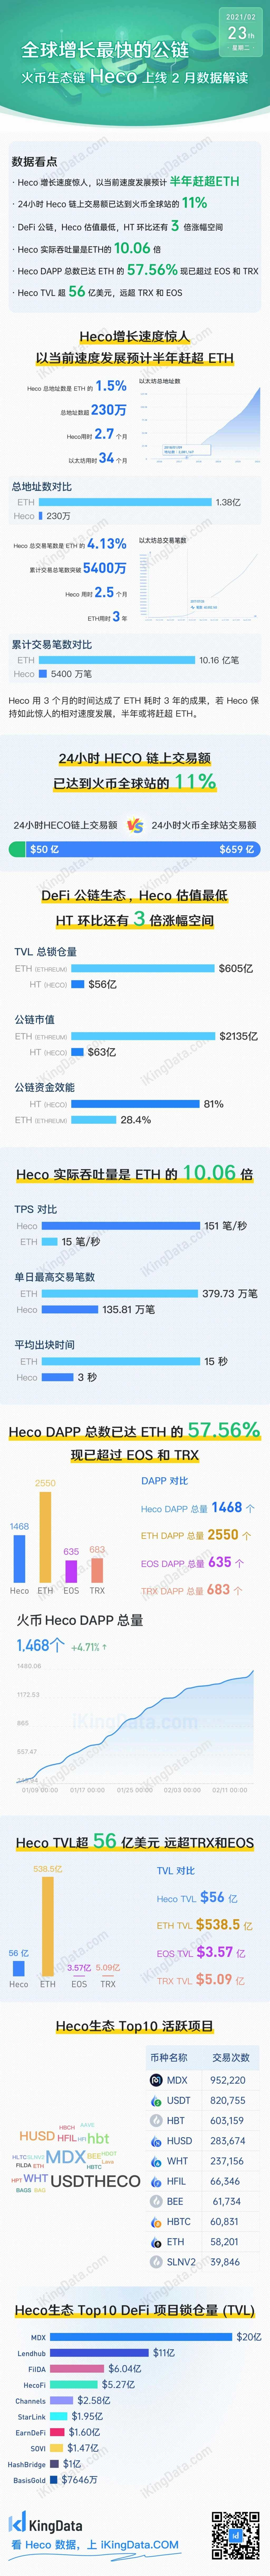 全球增长最快的公链-火币HECO Mmexpo10